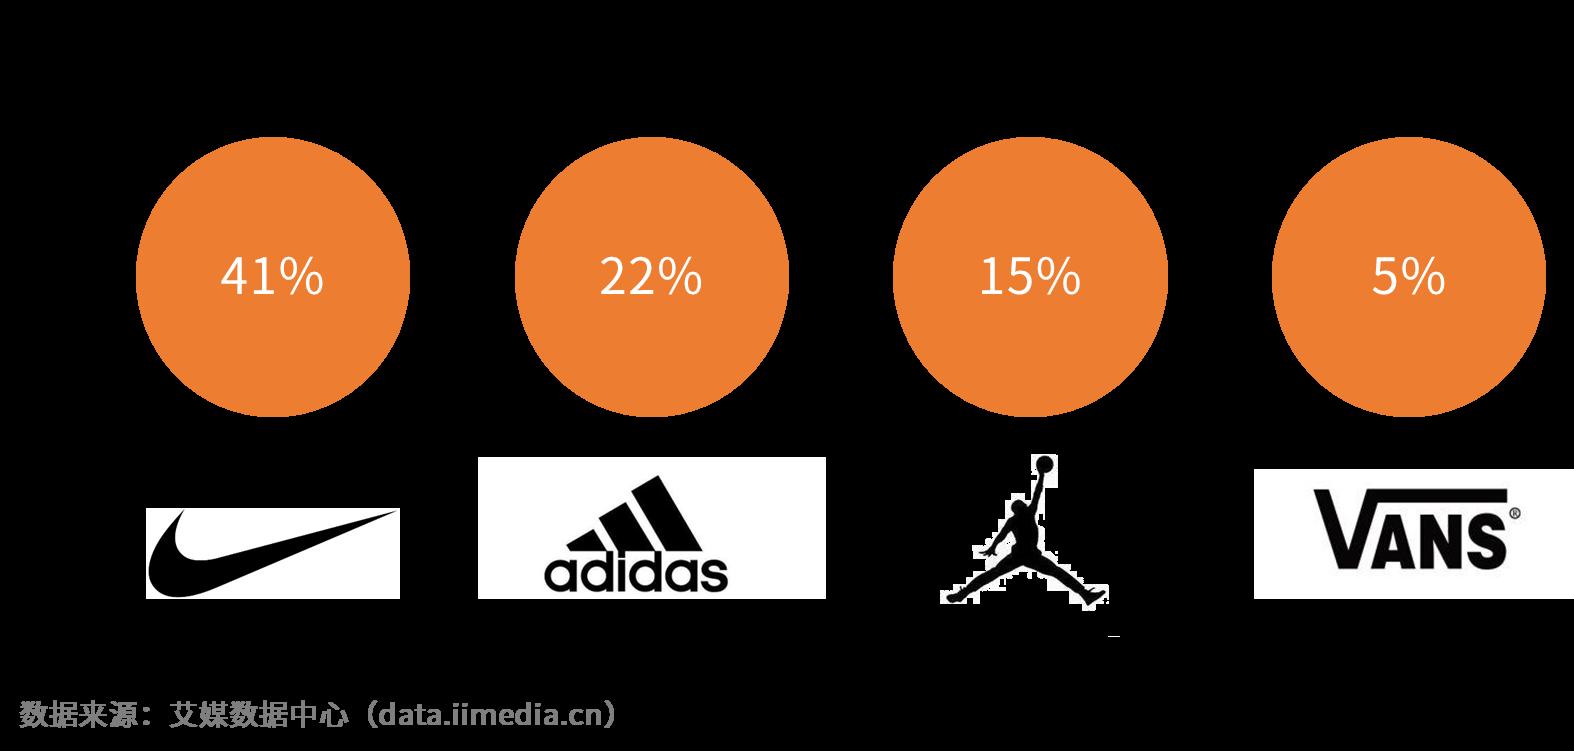 2019年全球及中国球鞋二级市场用户画像及行为分析